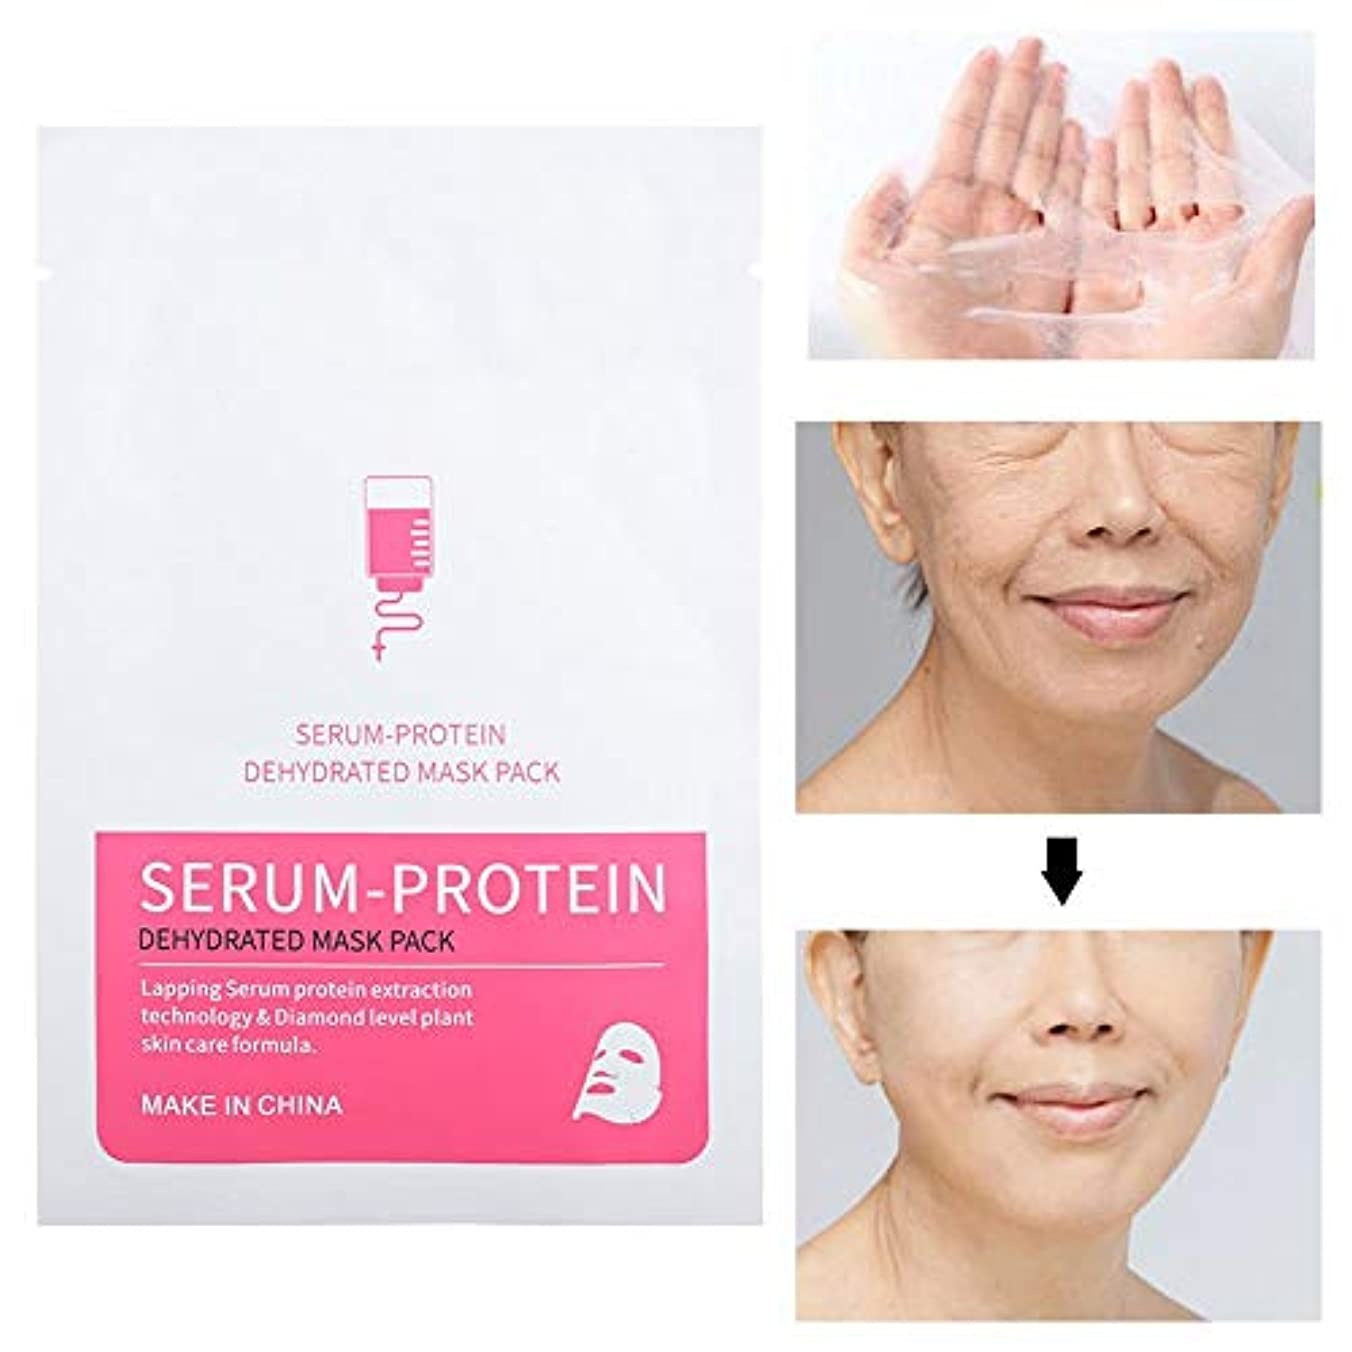 技術電子レンジマージ3.5g血清蛋白質のマスク、凍結乾燥させた粉のマスクをしっかり止める反しわの収縮の気孔